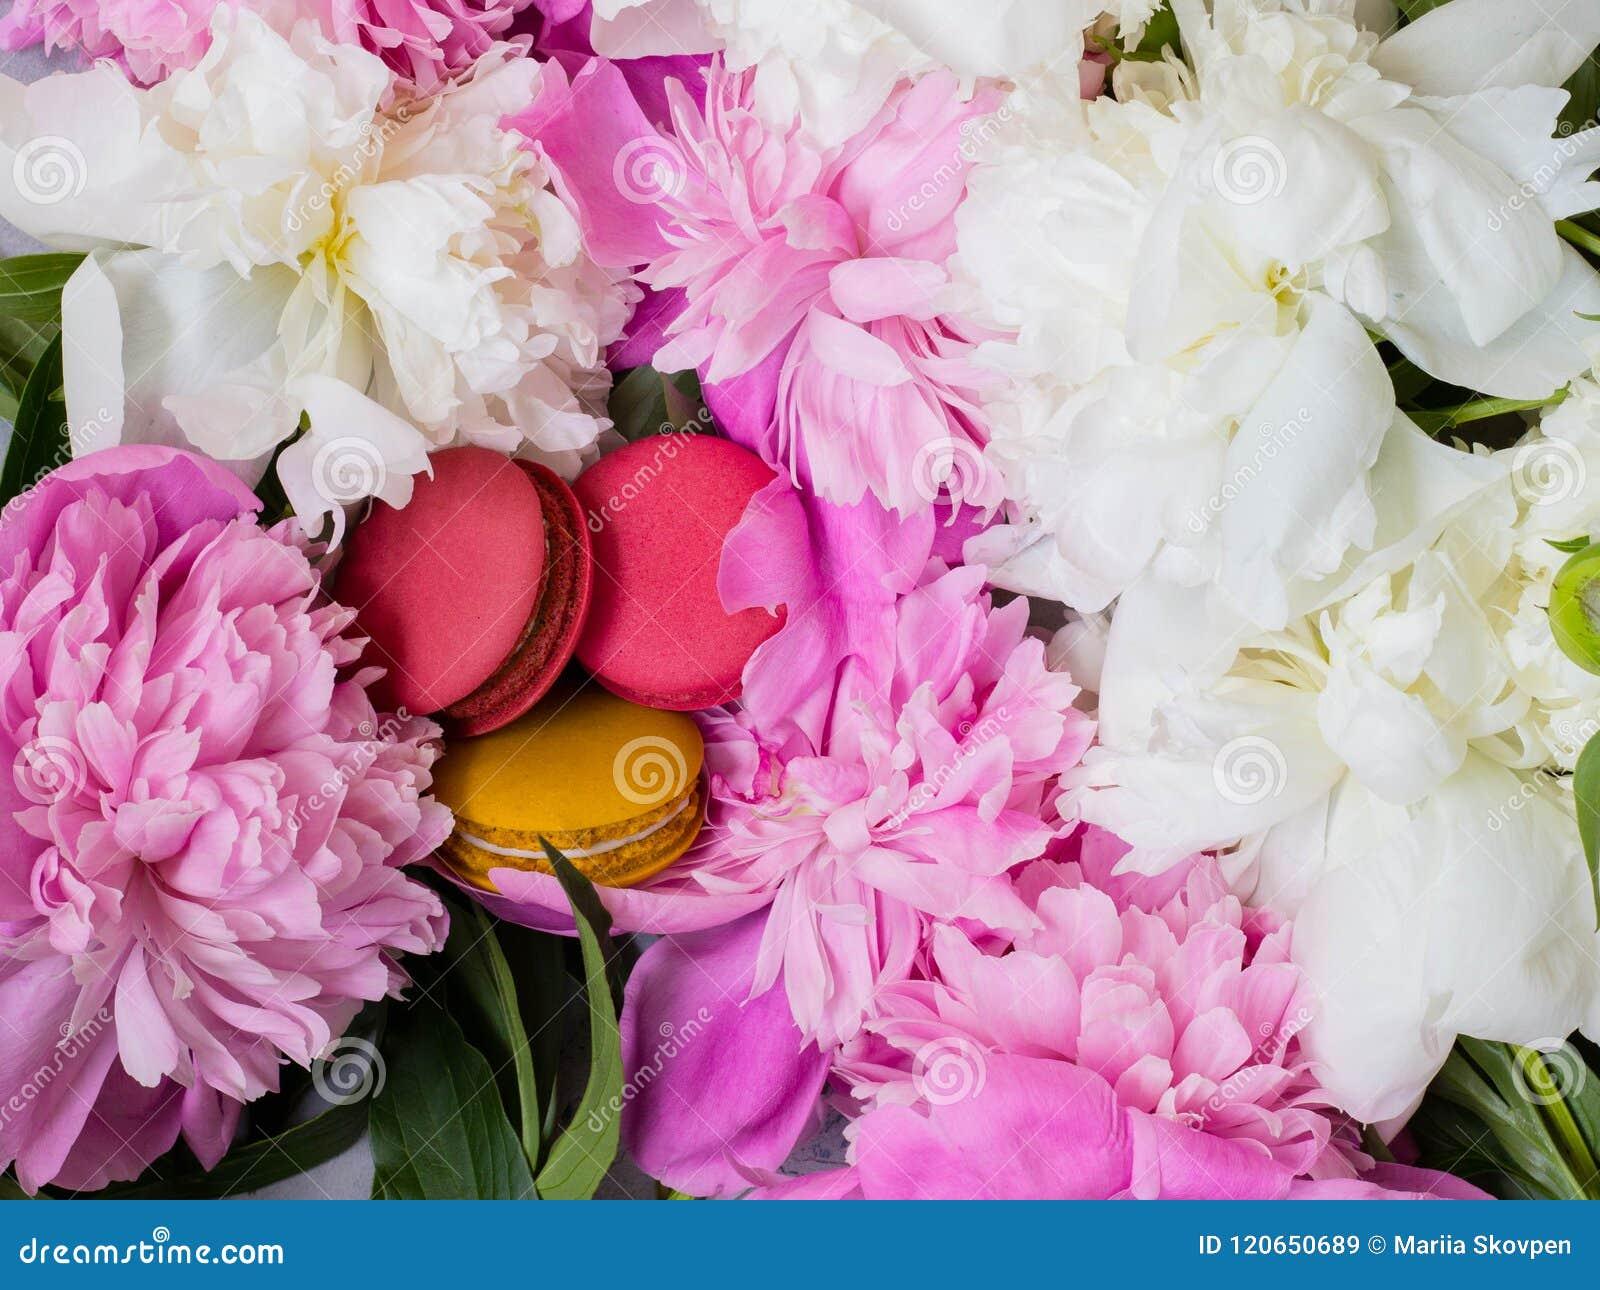 Rosa und gelbe Makronen auf Pfingstrosenhintergrund Rosa und weiße Pfingstrose und Makronen